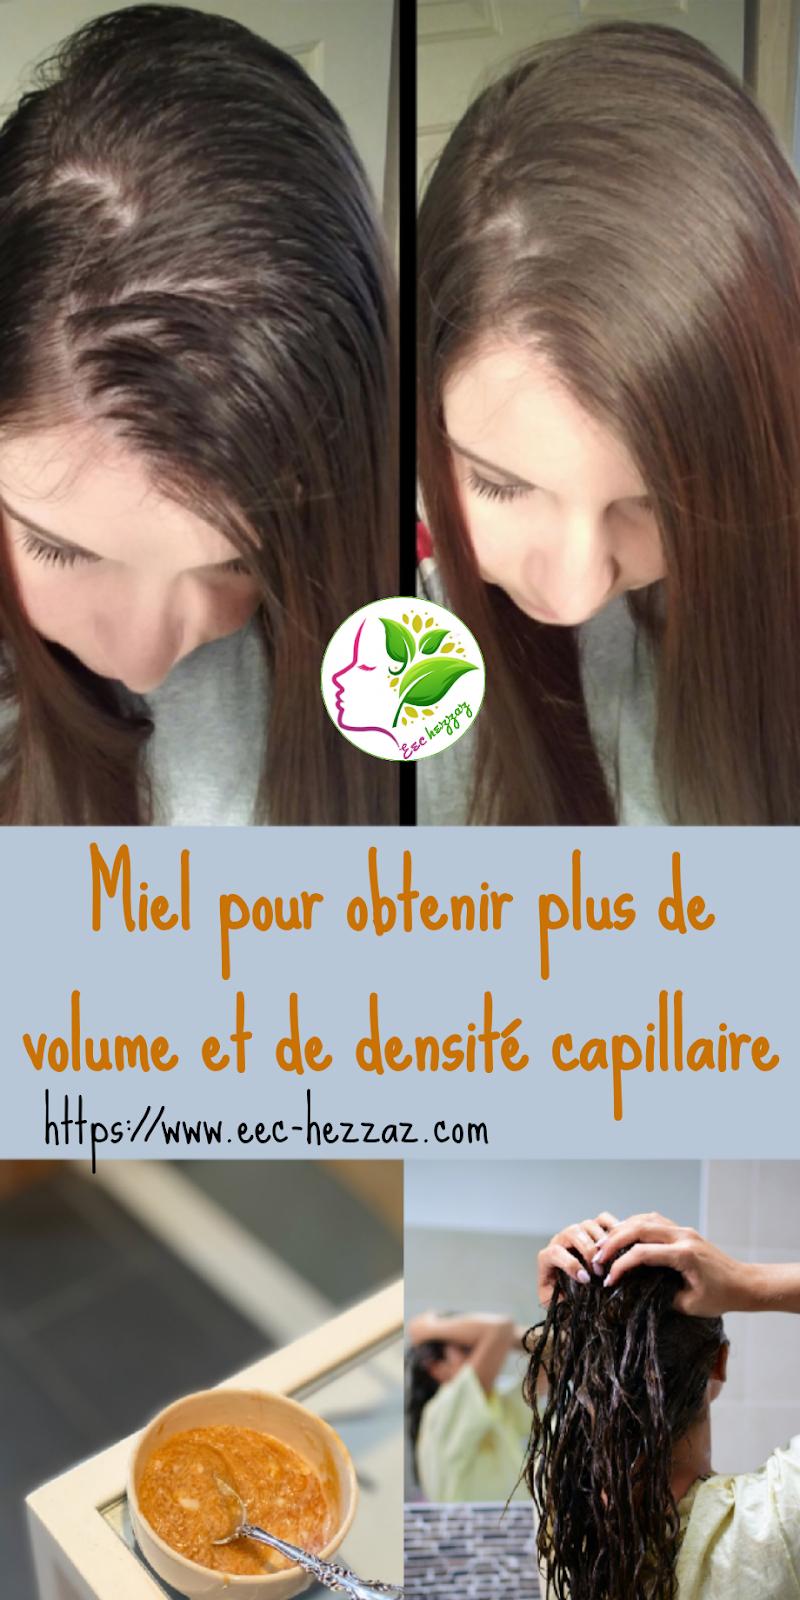 Miel pour obtenir plus de volume et de densité capillaire